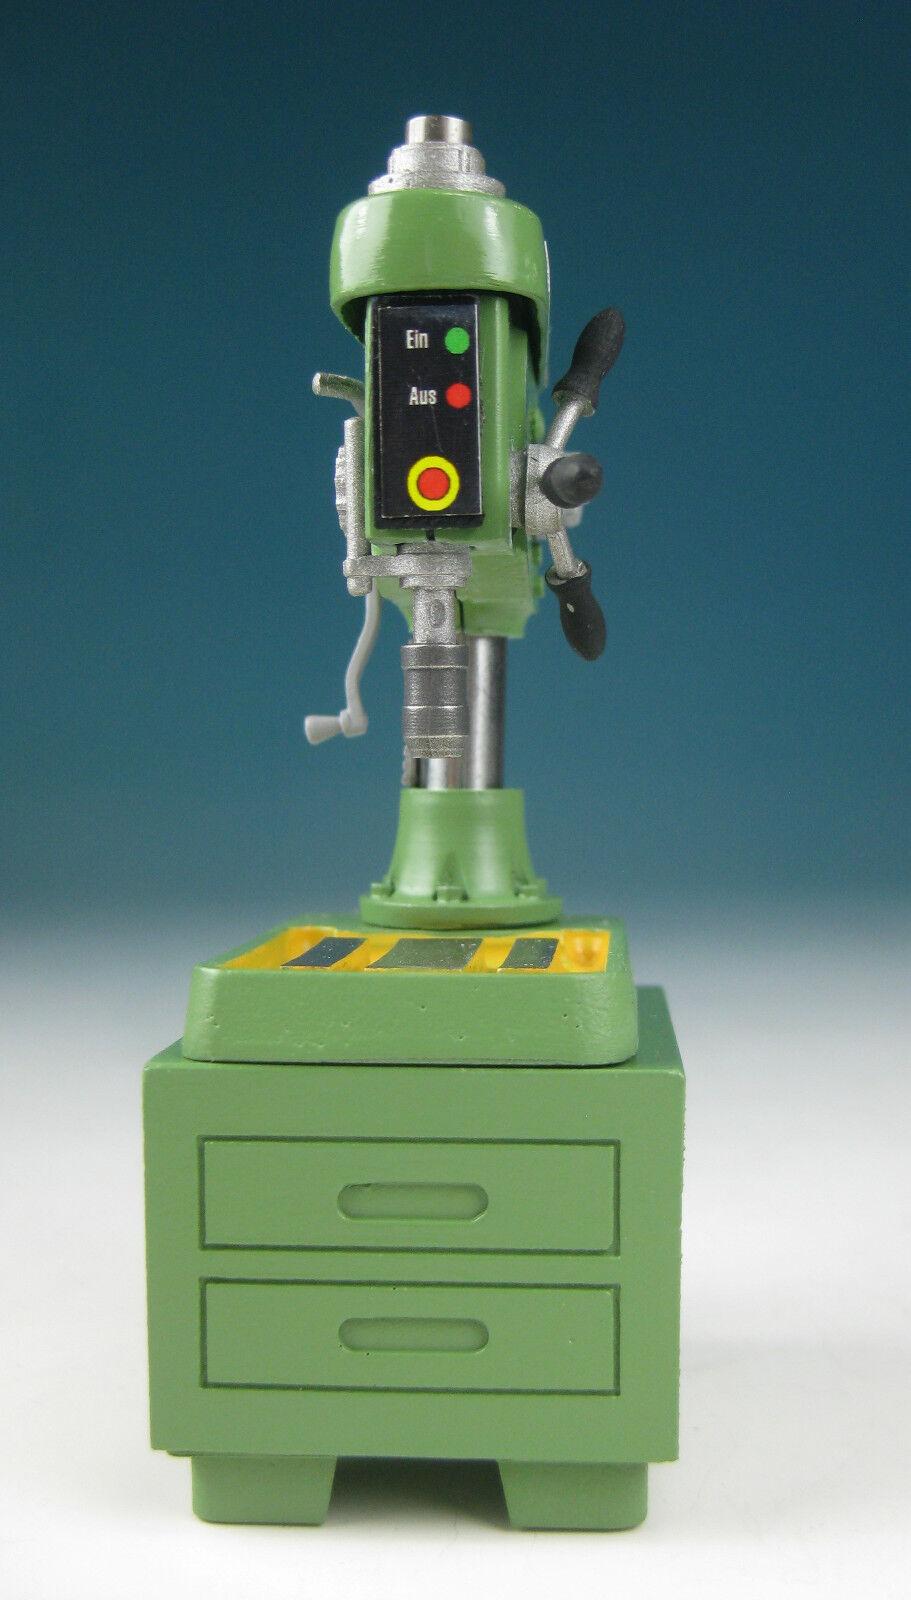 hermoso 11431-mesa taladradora en escala 1 22,5, metal-a metal-a metal-a mano  más descuento